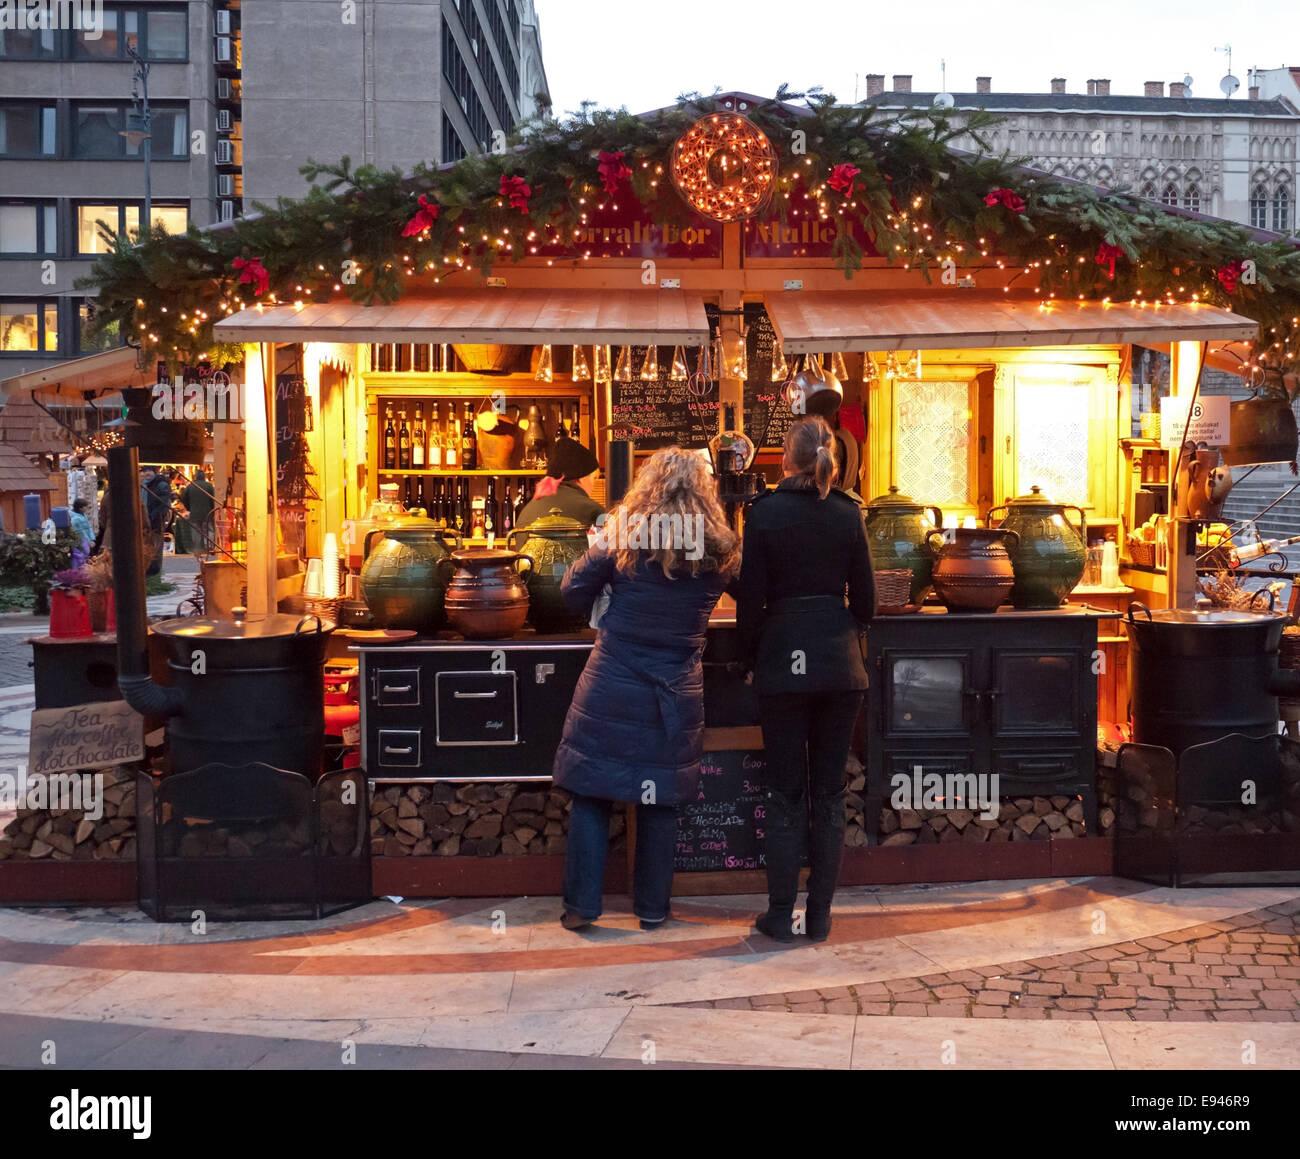 Mulled Wine Christmas Market.Tourists Enjoy The Traditional Christmas Market At A Mulled